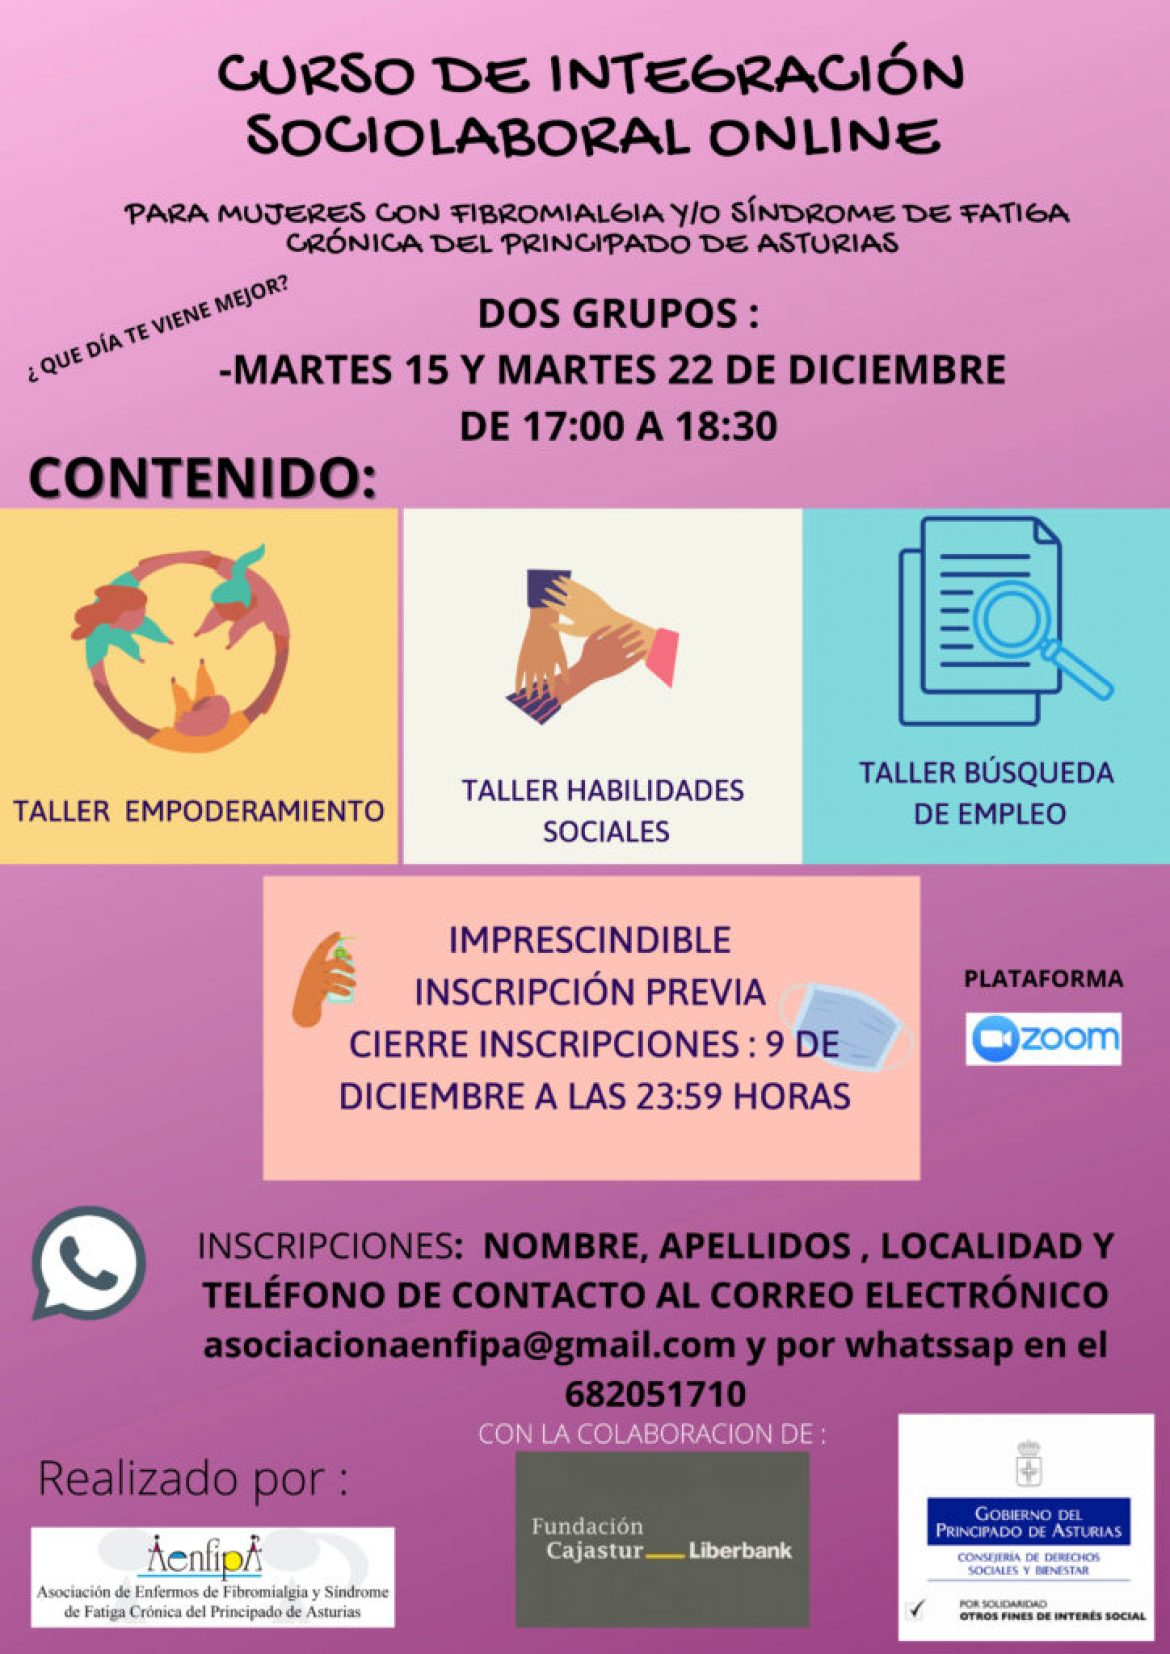 Martes 15 y Martes 18 de Diciembre de 17:00 a 18:30 Curso de Integración Socio laboral